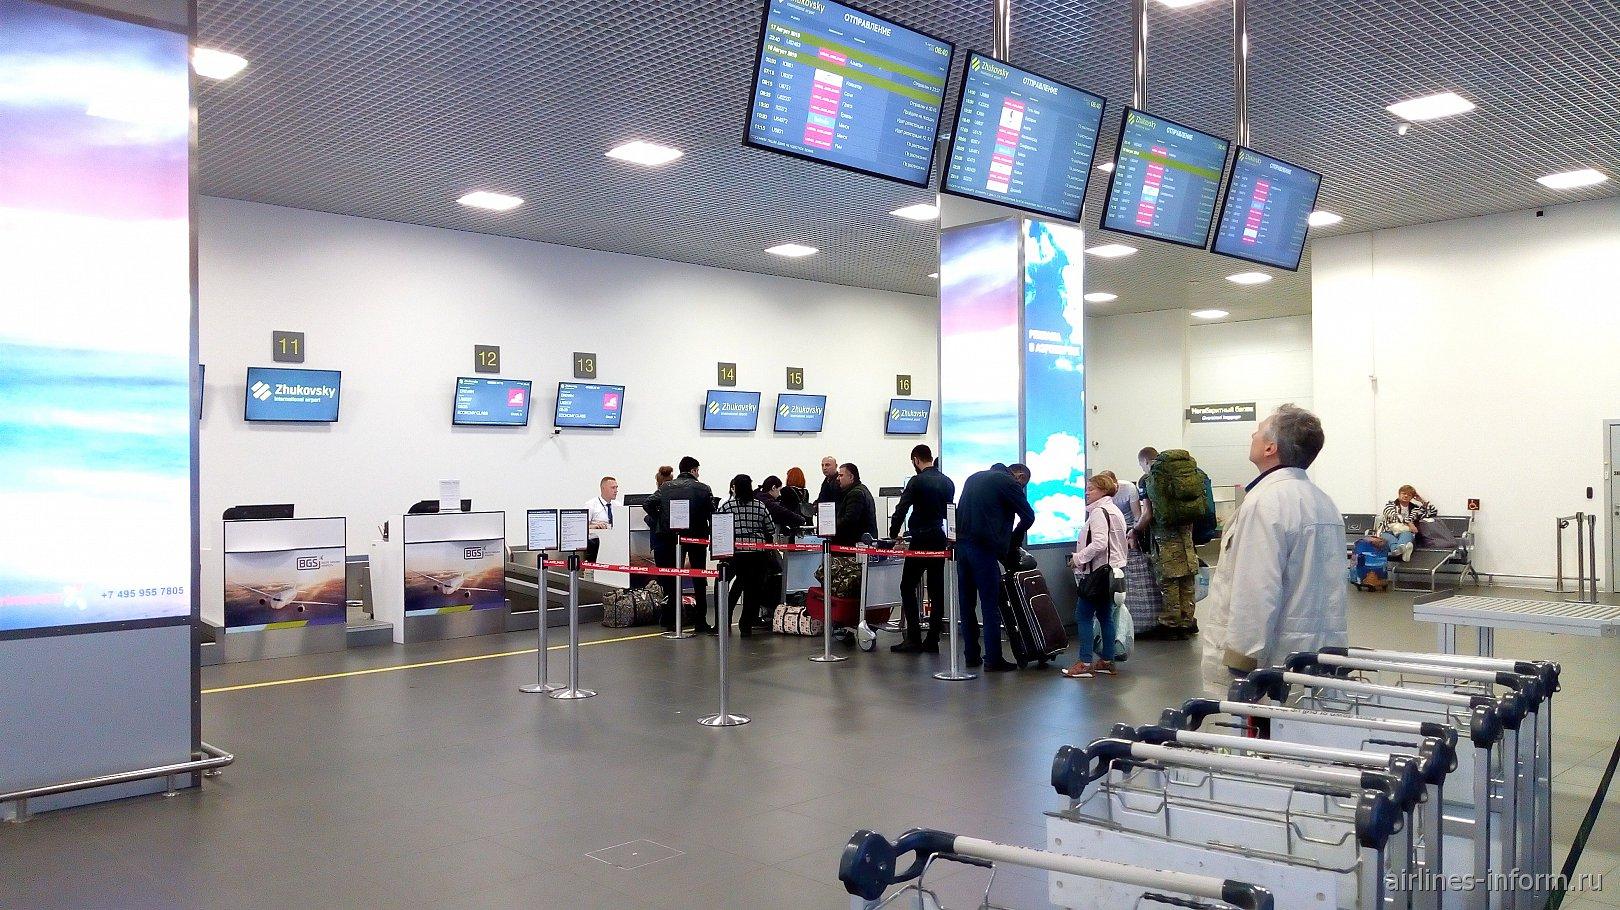 Стойки регистрации в аэропорту Жуковский